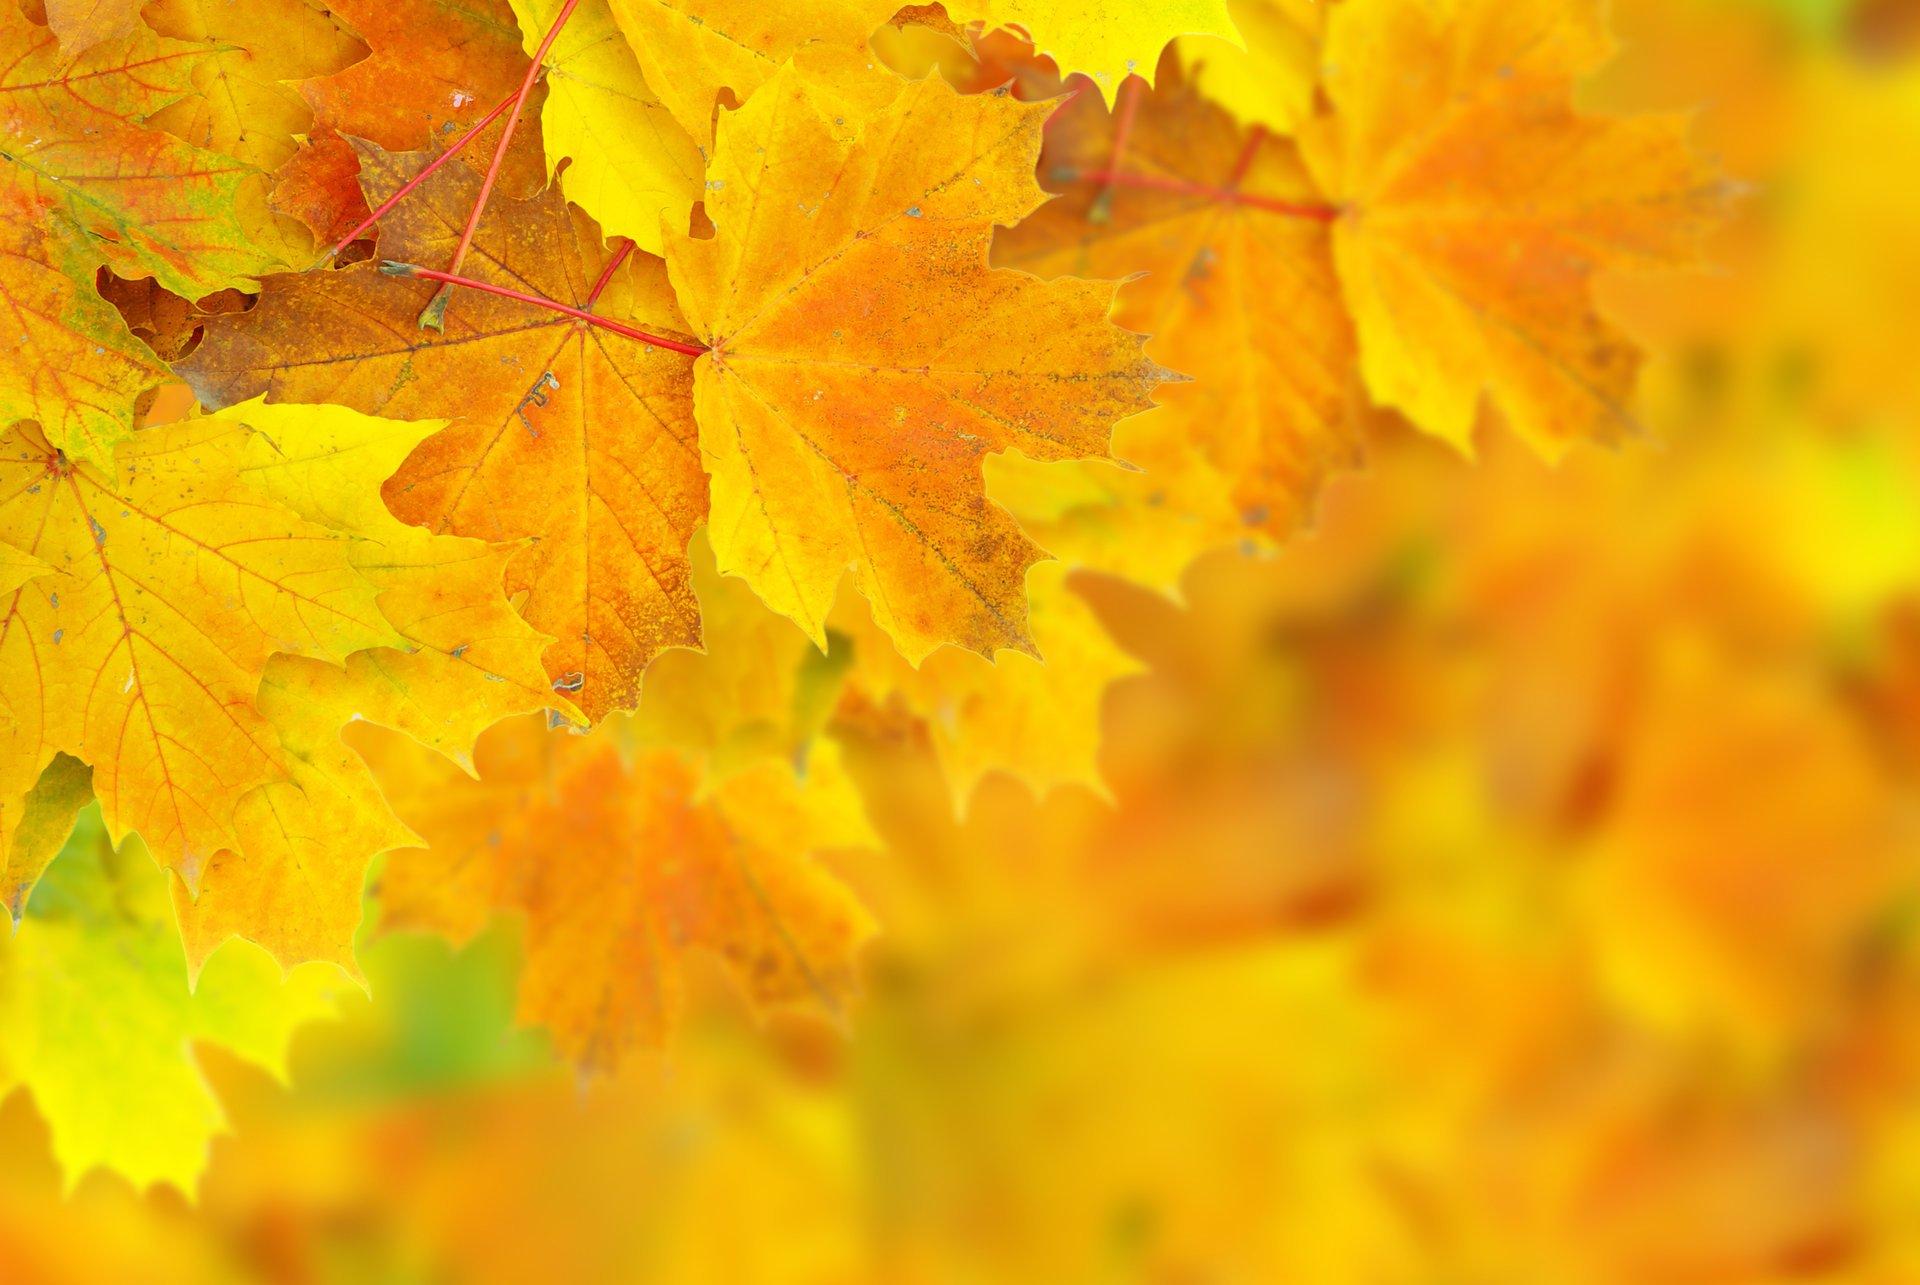 заготовок фон для фотографии осень как